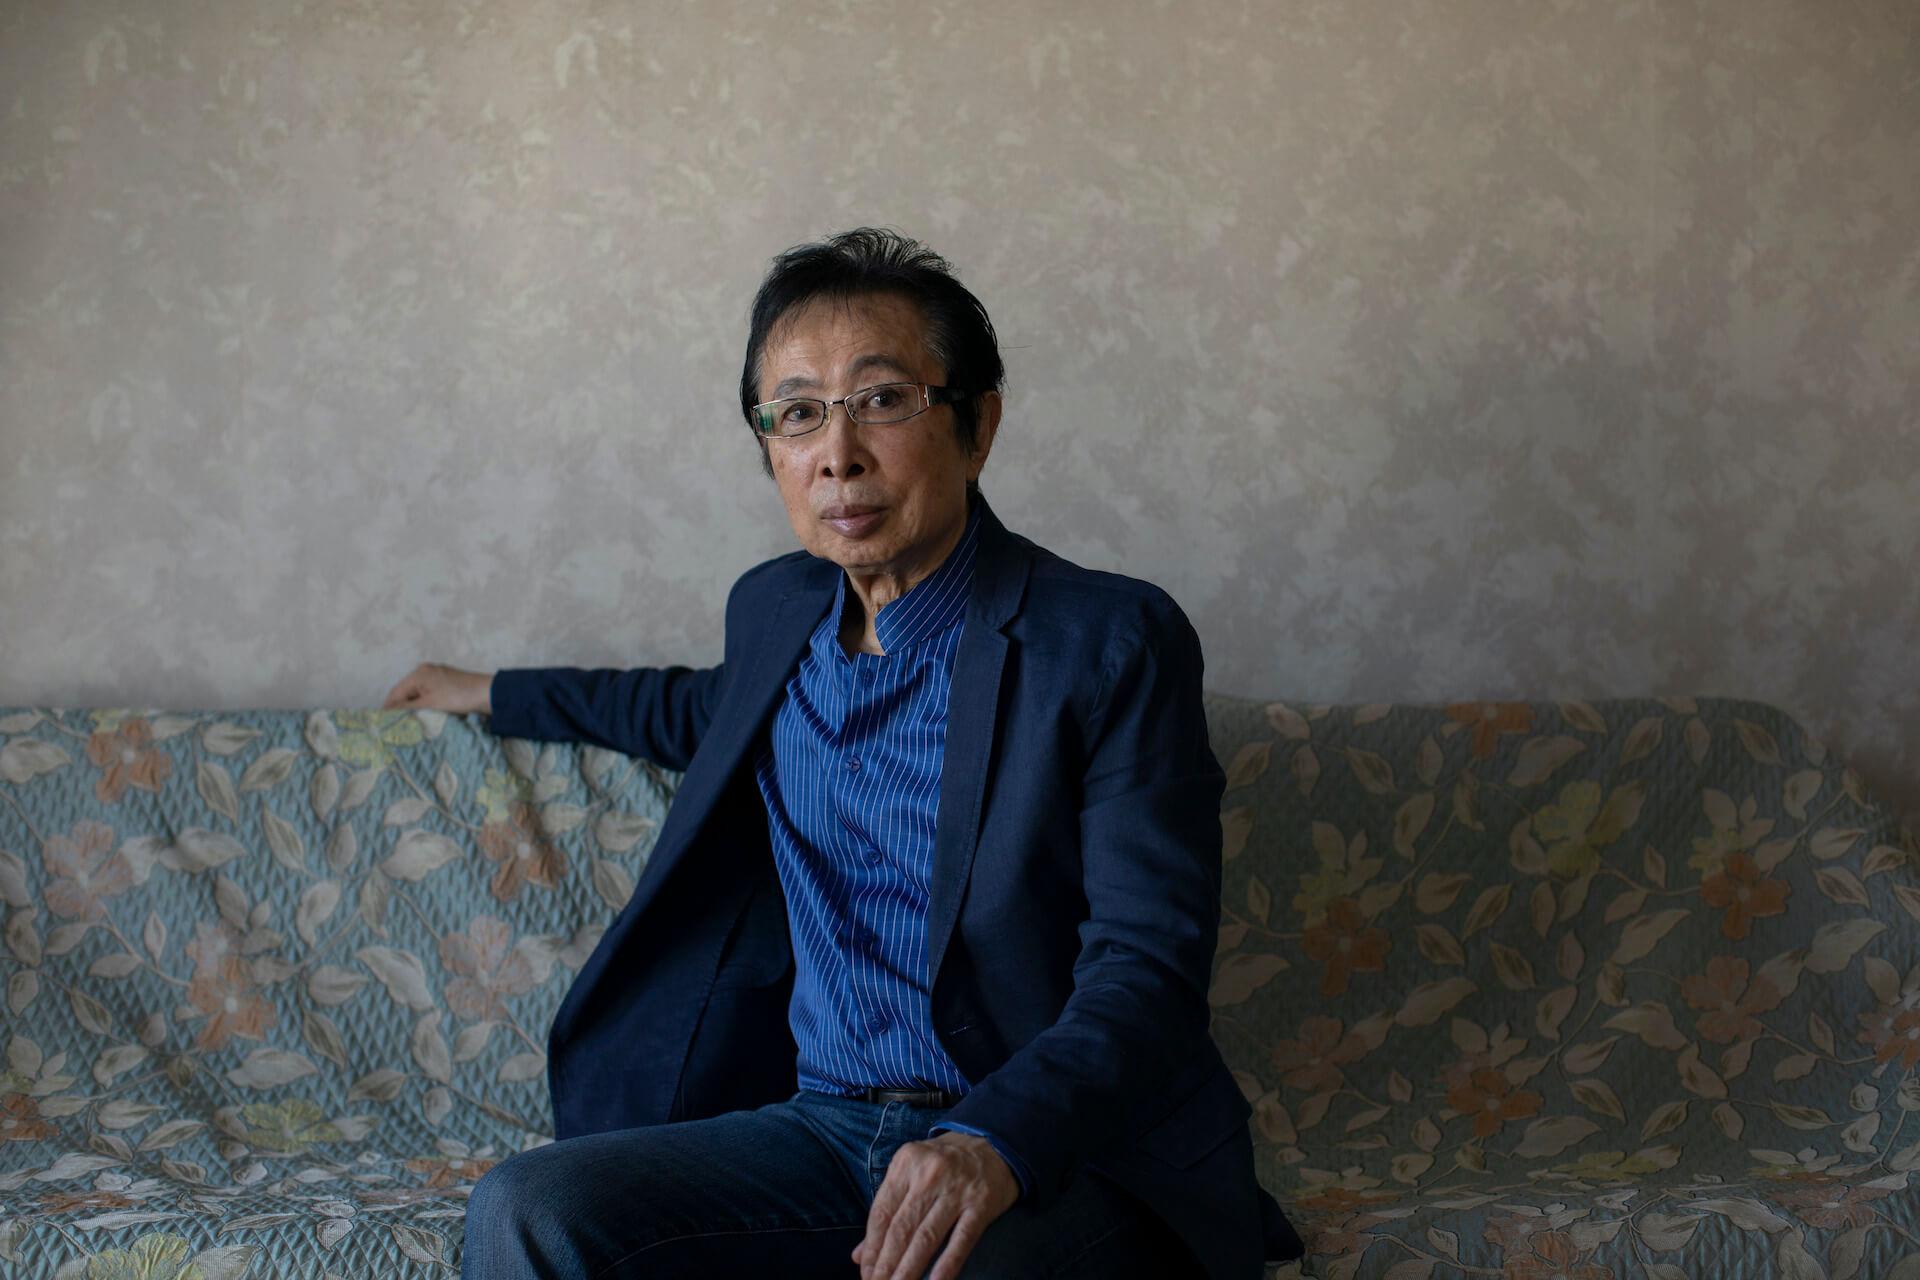 伝説の日本人ラテン歌手YOSHIRO広石の自伝本刊行記念パーティーが開催|ミニライブに加え、田中克海・IZPON・大石始が登壇するトークショーも music201202-yoshuiro-3